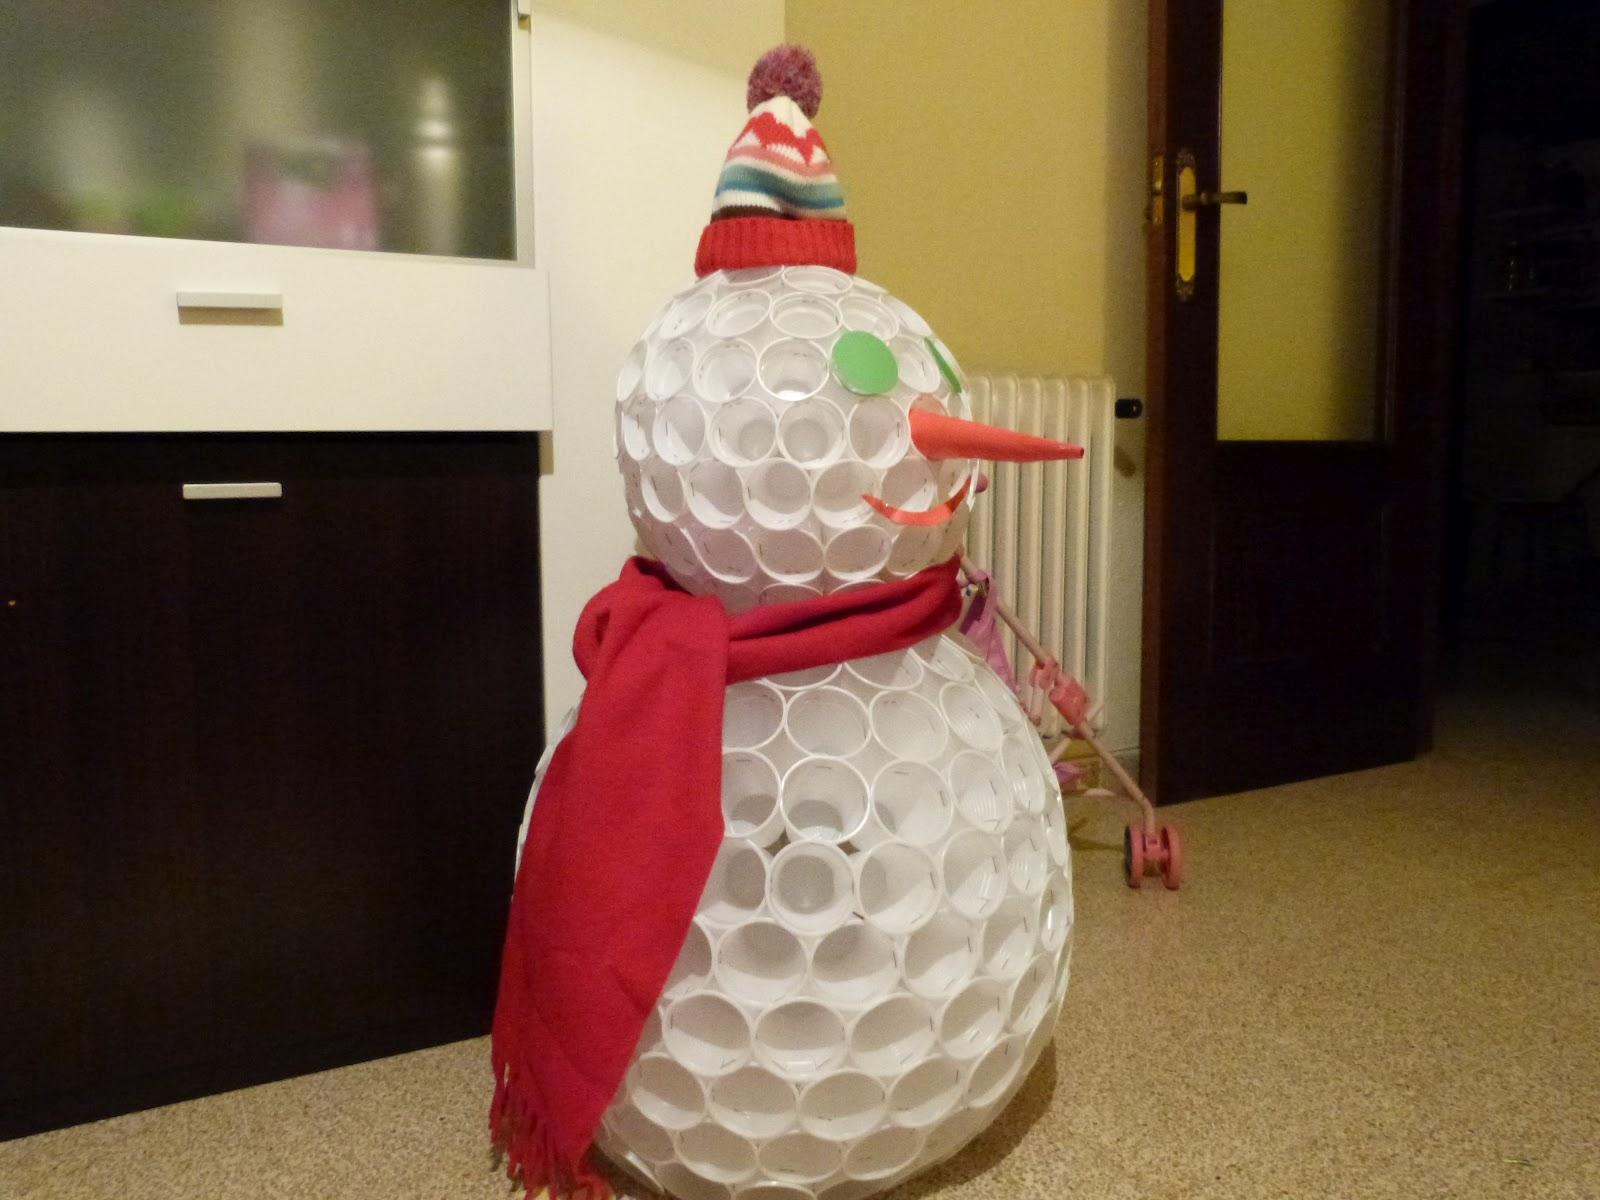 Berrettes mu eco de nieve - Como hacer un muneco ...